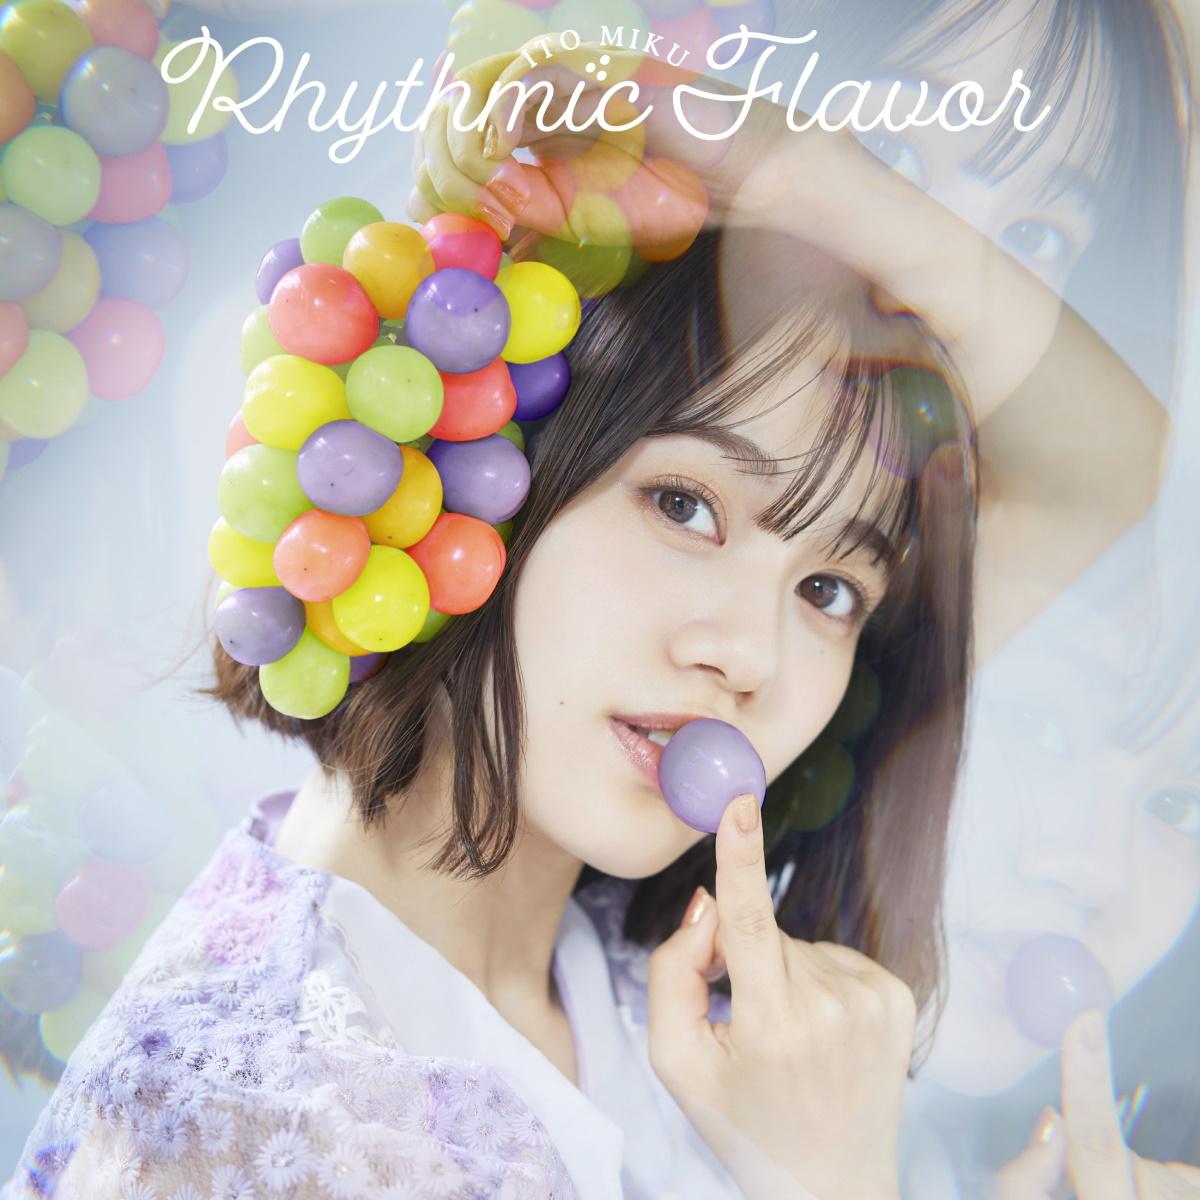 『伊藤美来 - いつかきっと』収録の『Rhythmic Flavor』ジャケット